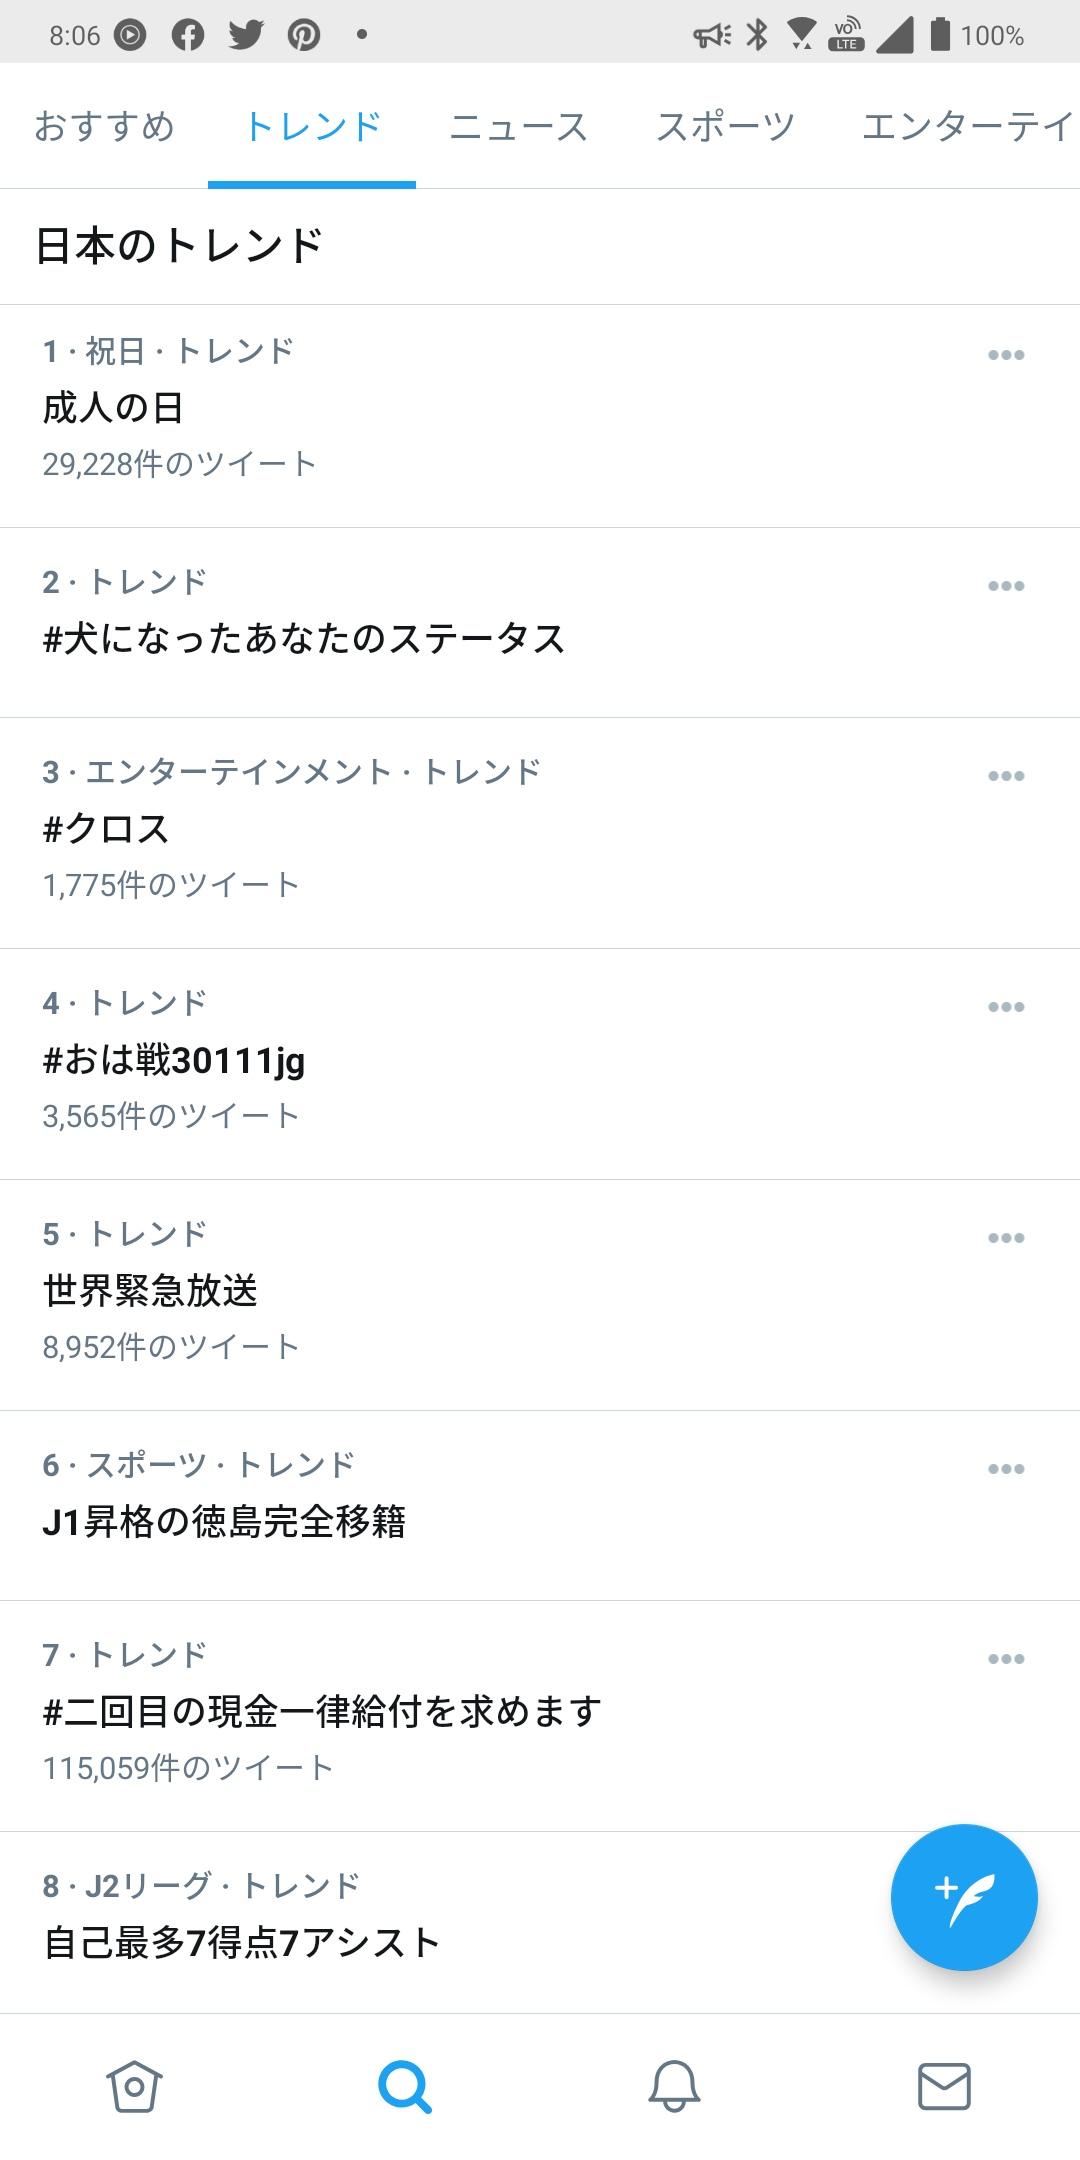 2021/01/11Twitterトレンド